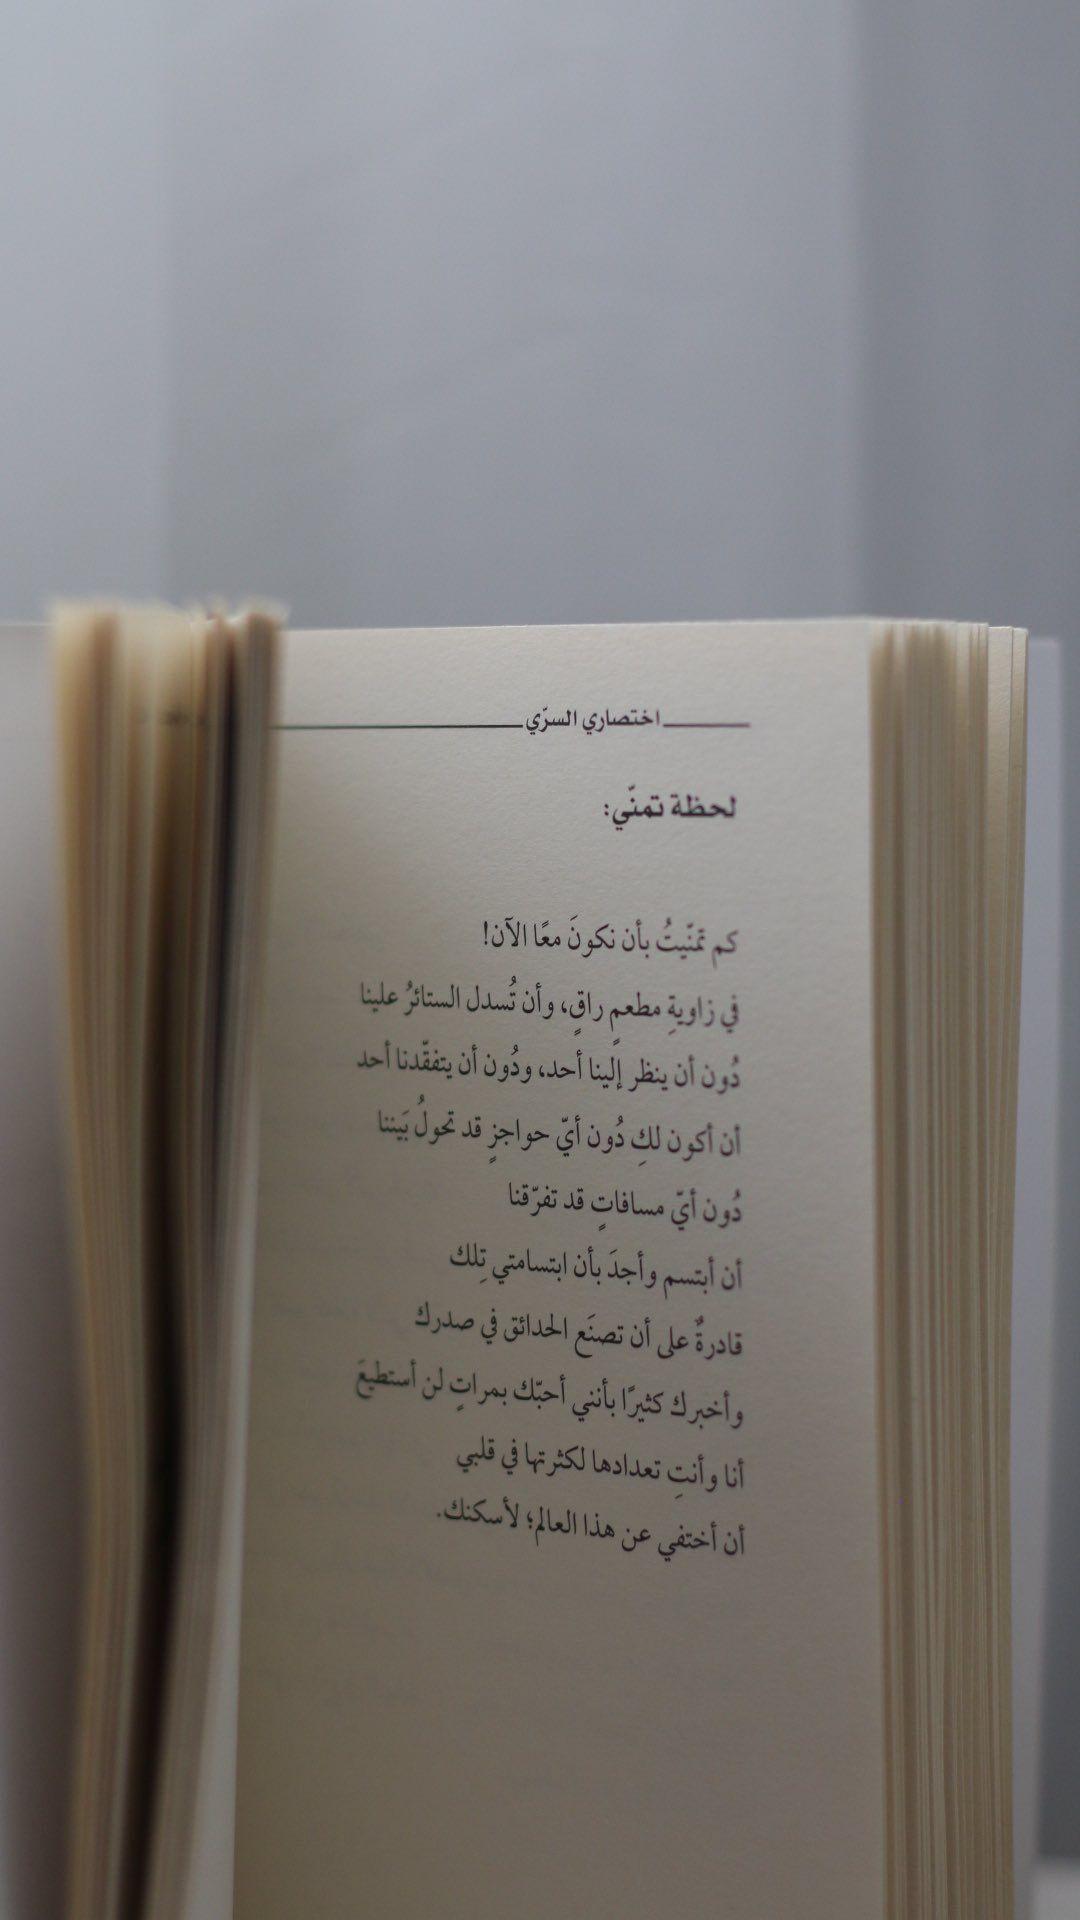 يا ريت والله بكون احلى يوم واحلى لحظة تنسى Book Quotes Words Quotes